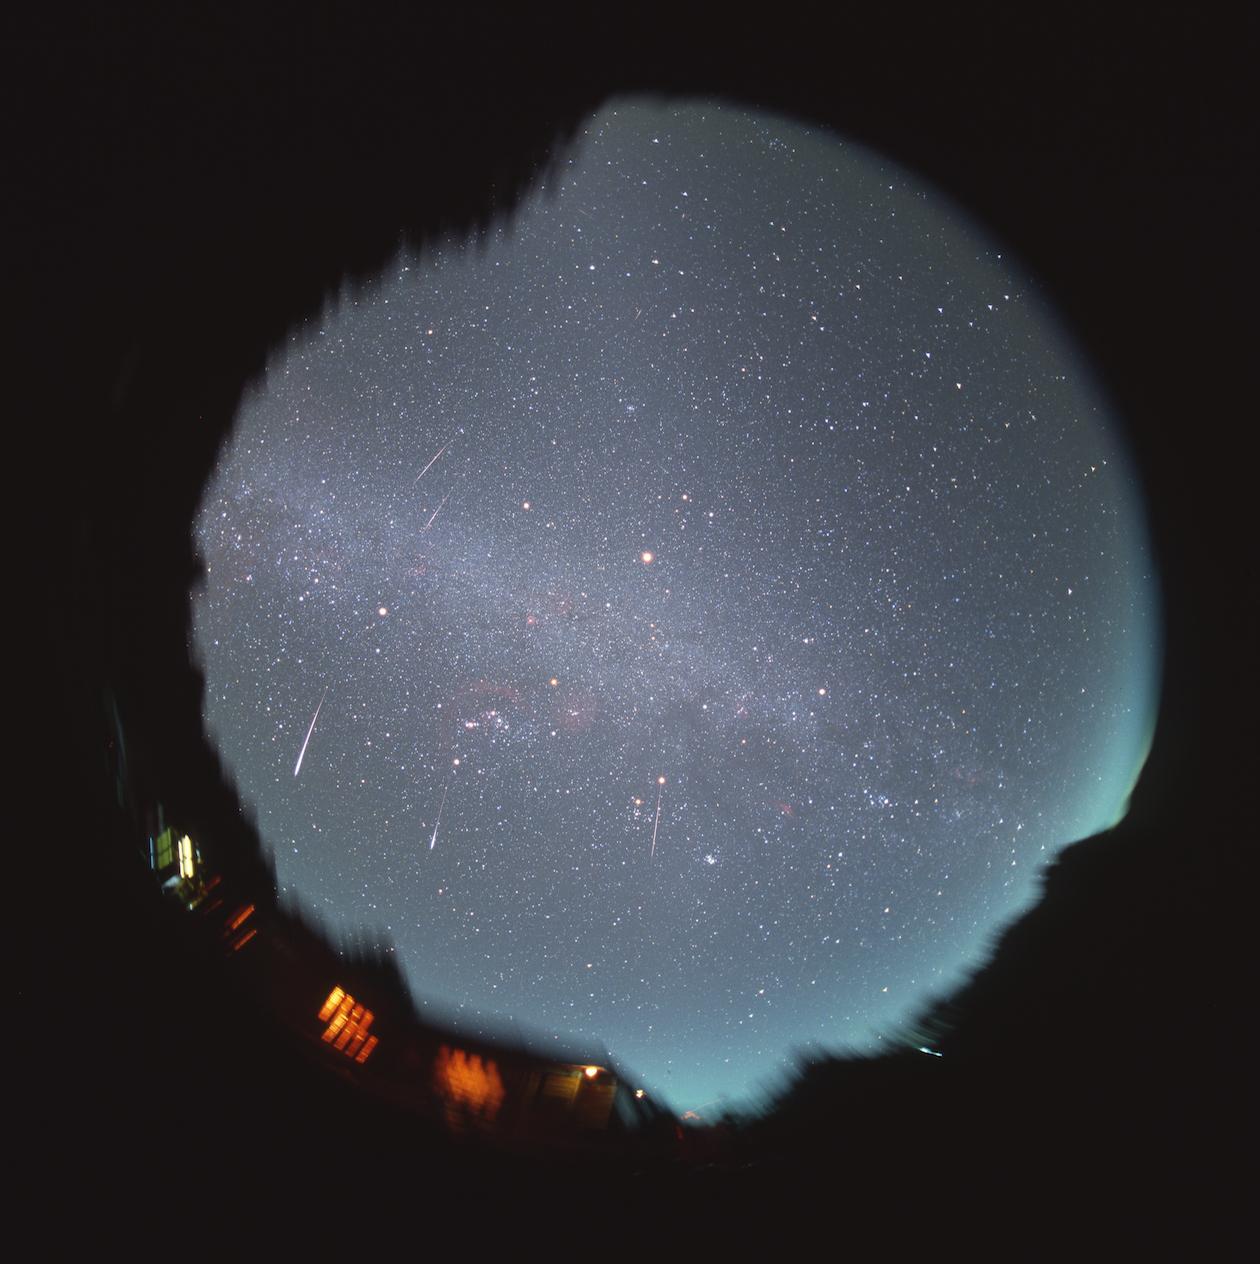 獅子座流星雨。攝影:李昫岱